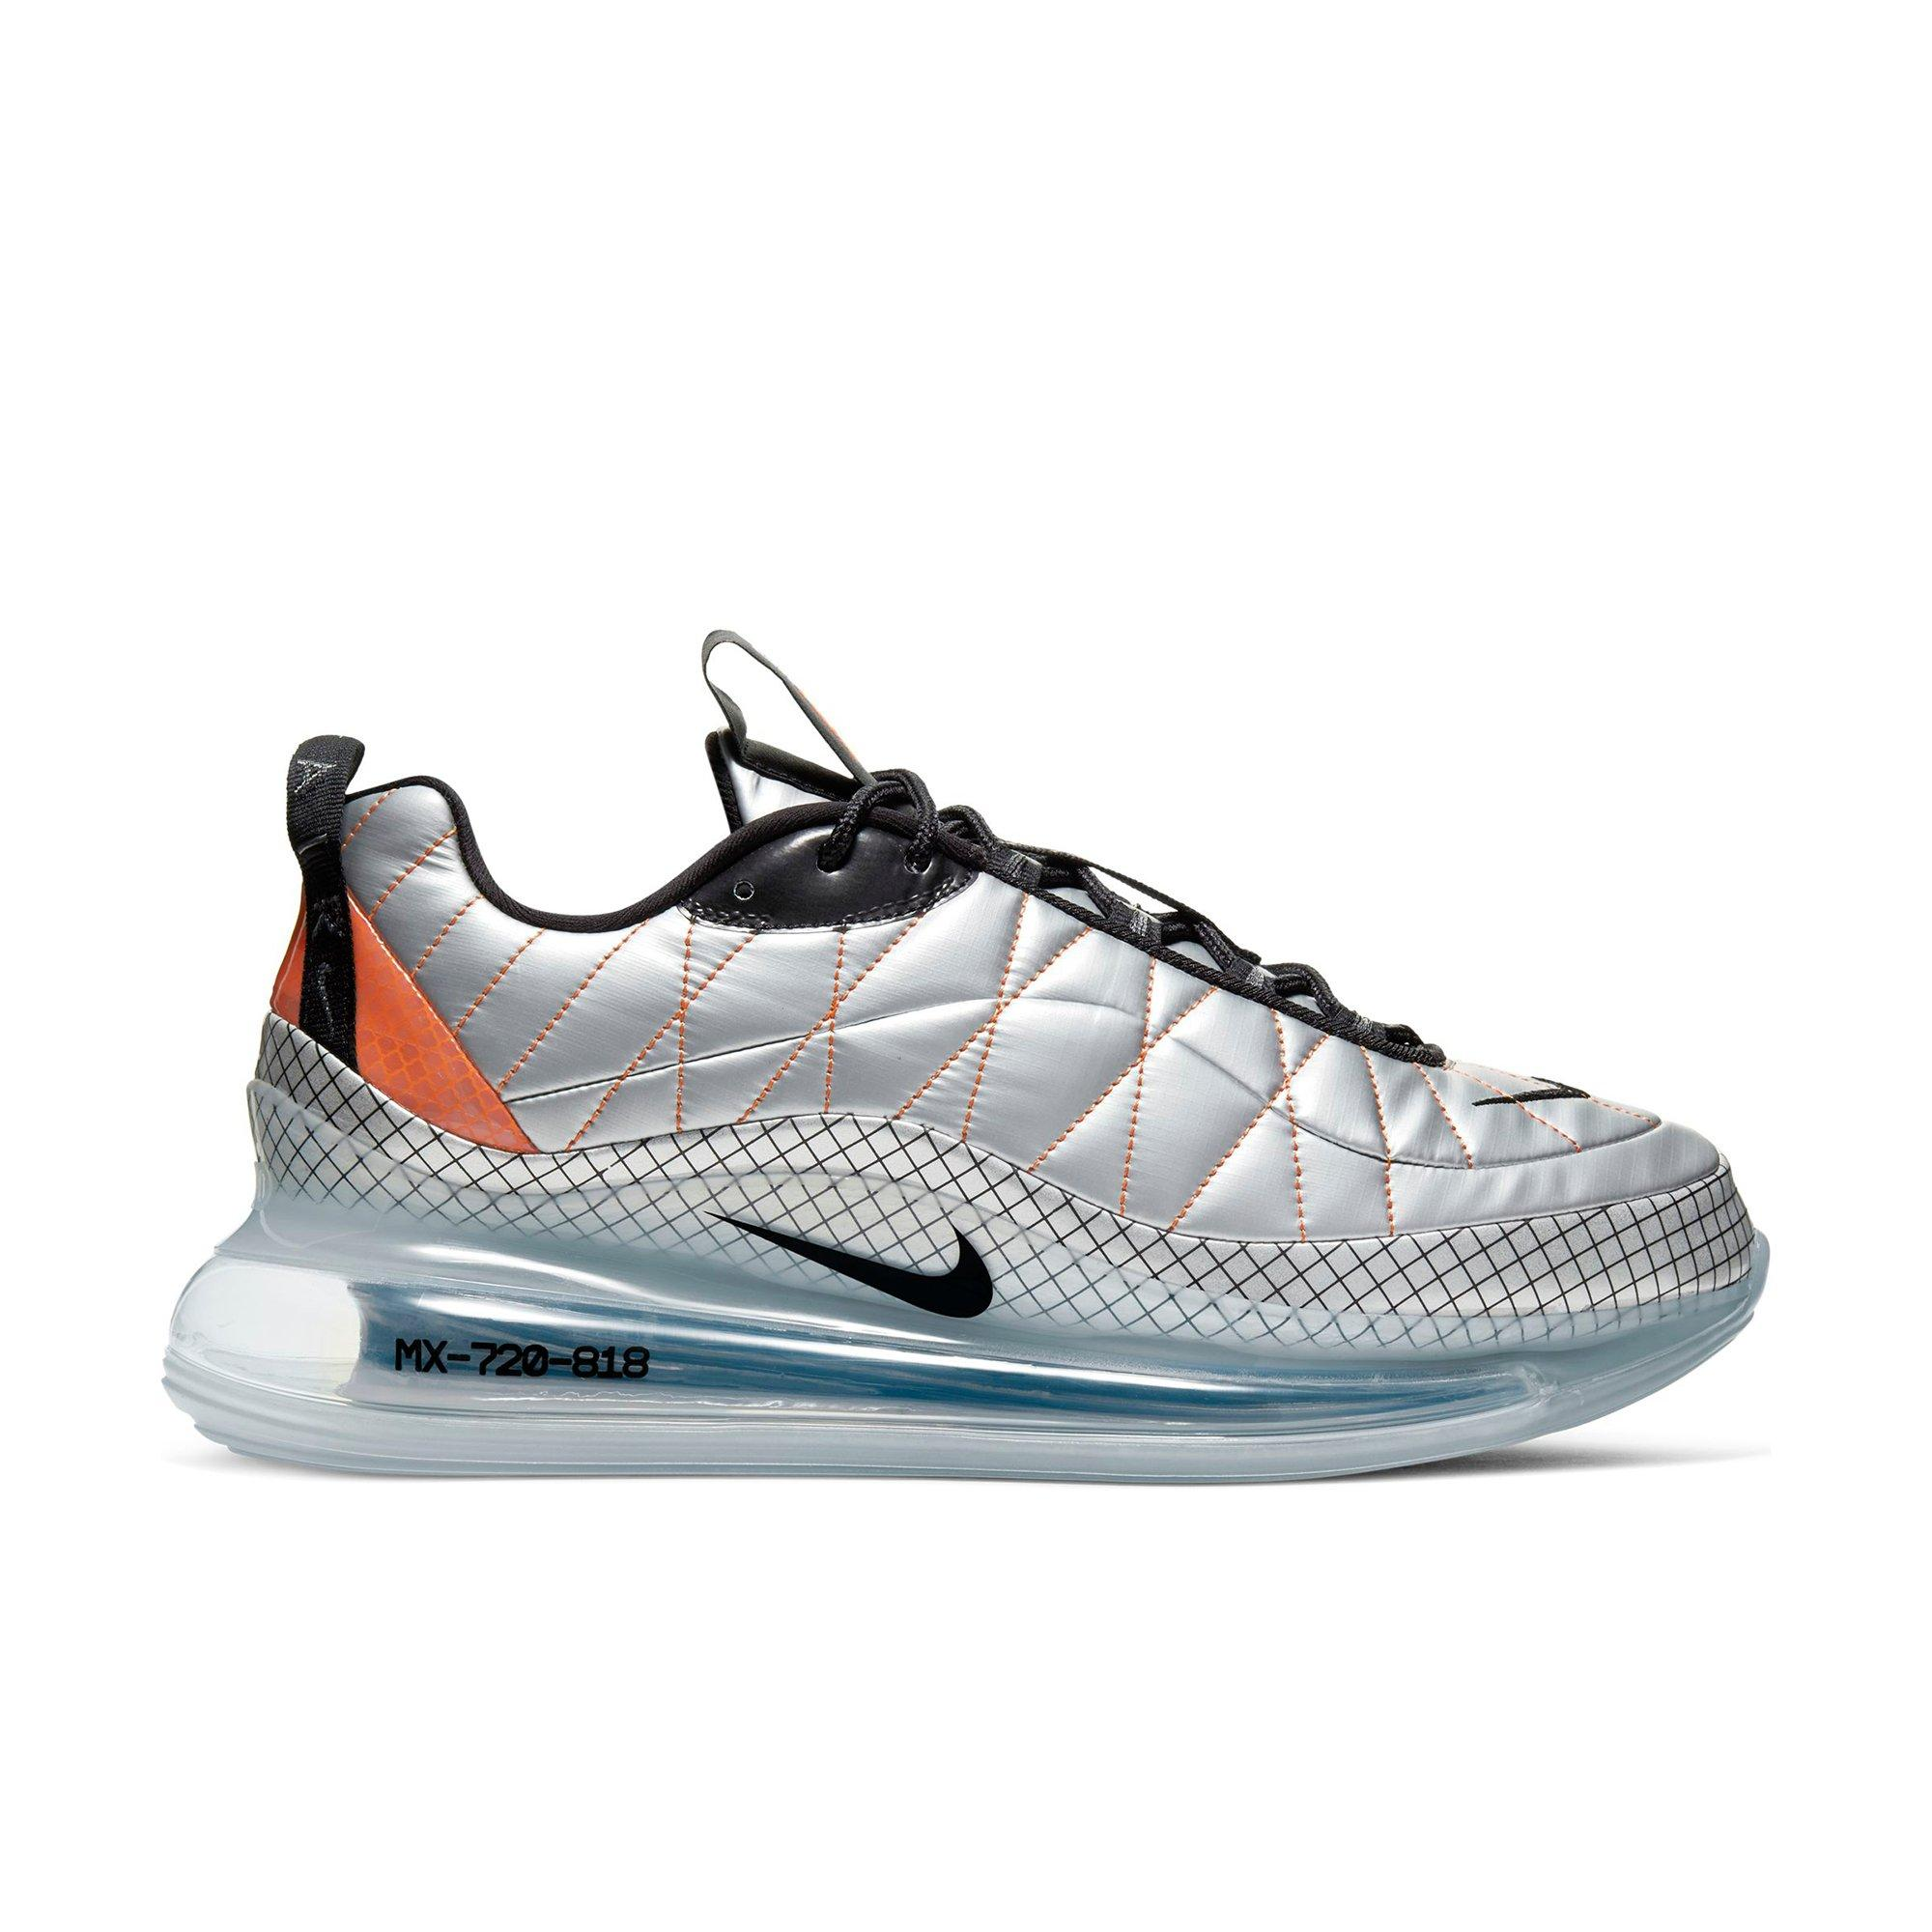 eximir equipo Desempacando  Nike MX-720-818